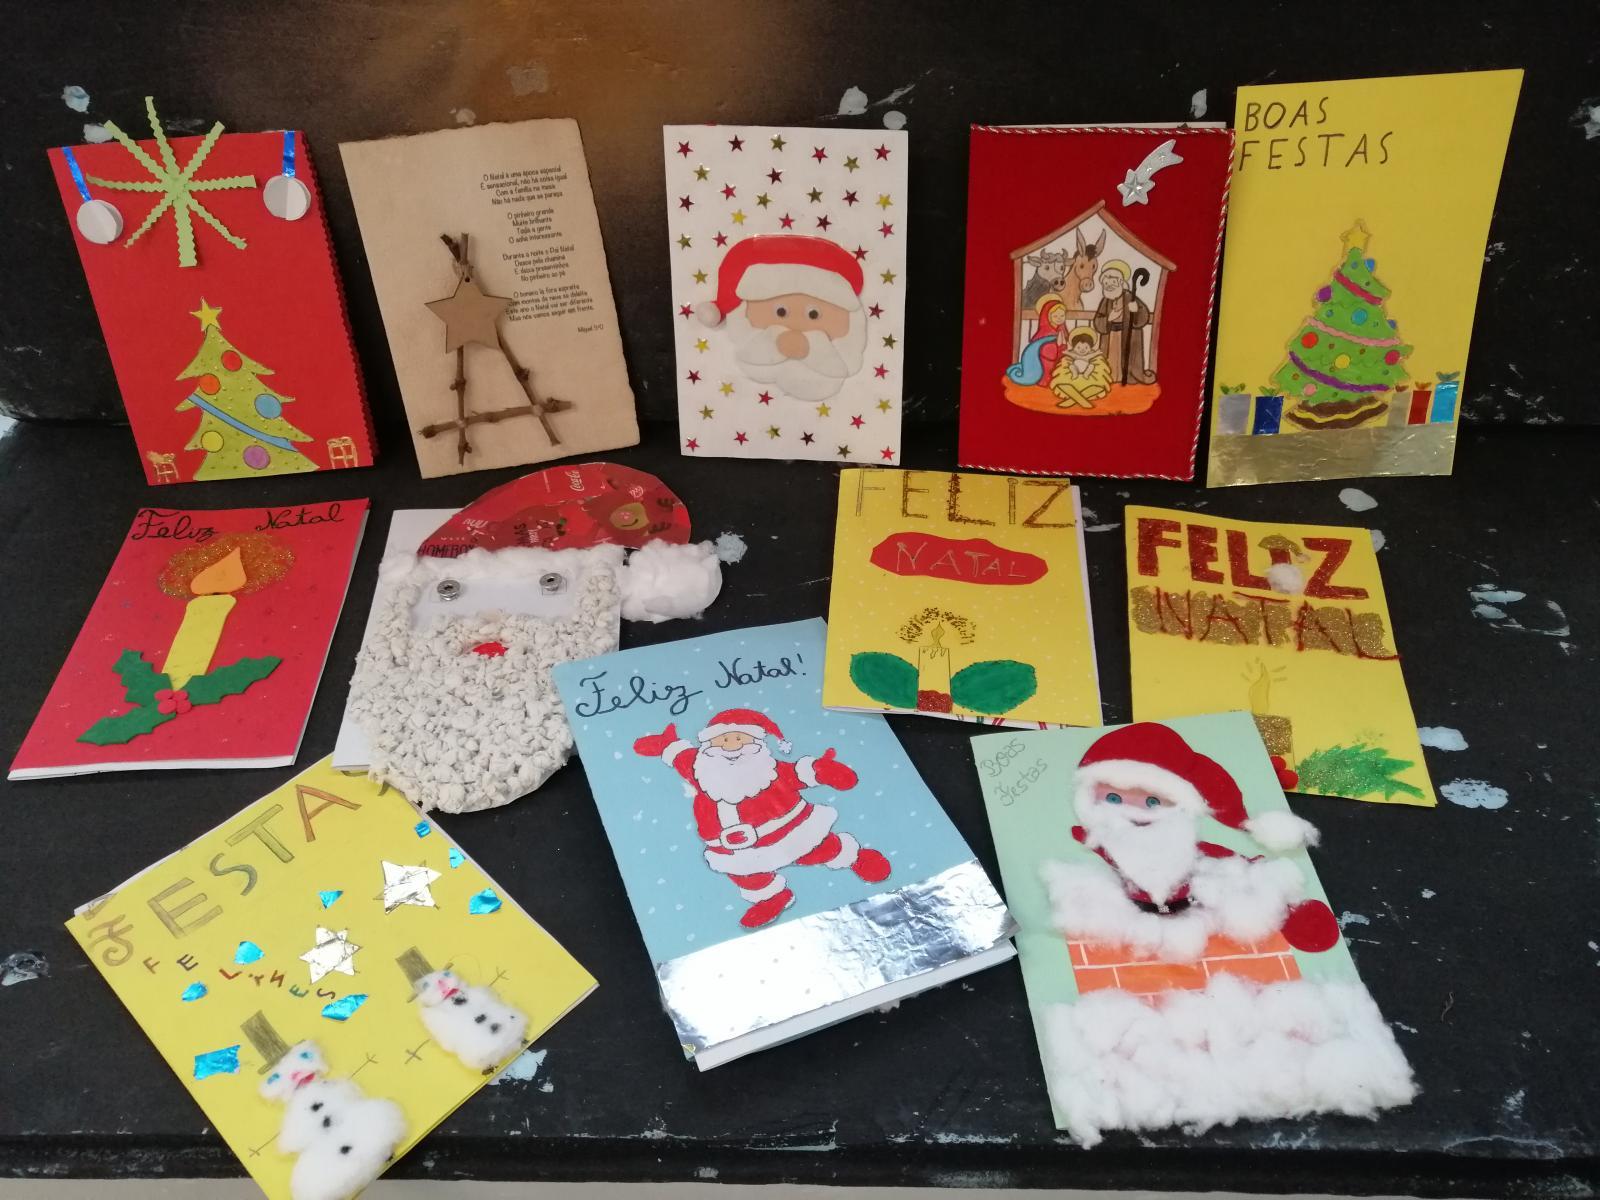 Exposição  e Concurso  de Postais de Natal